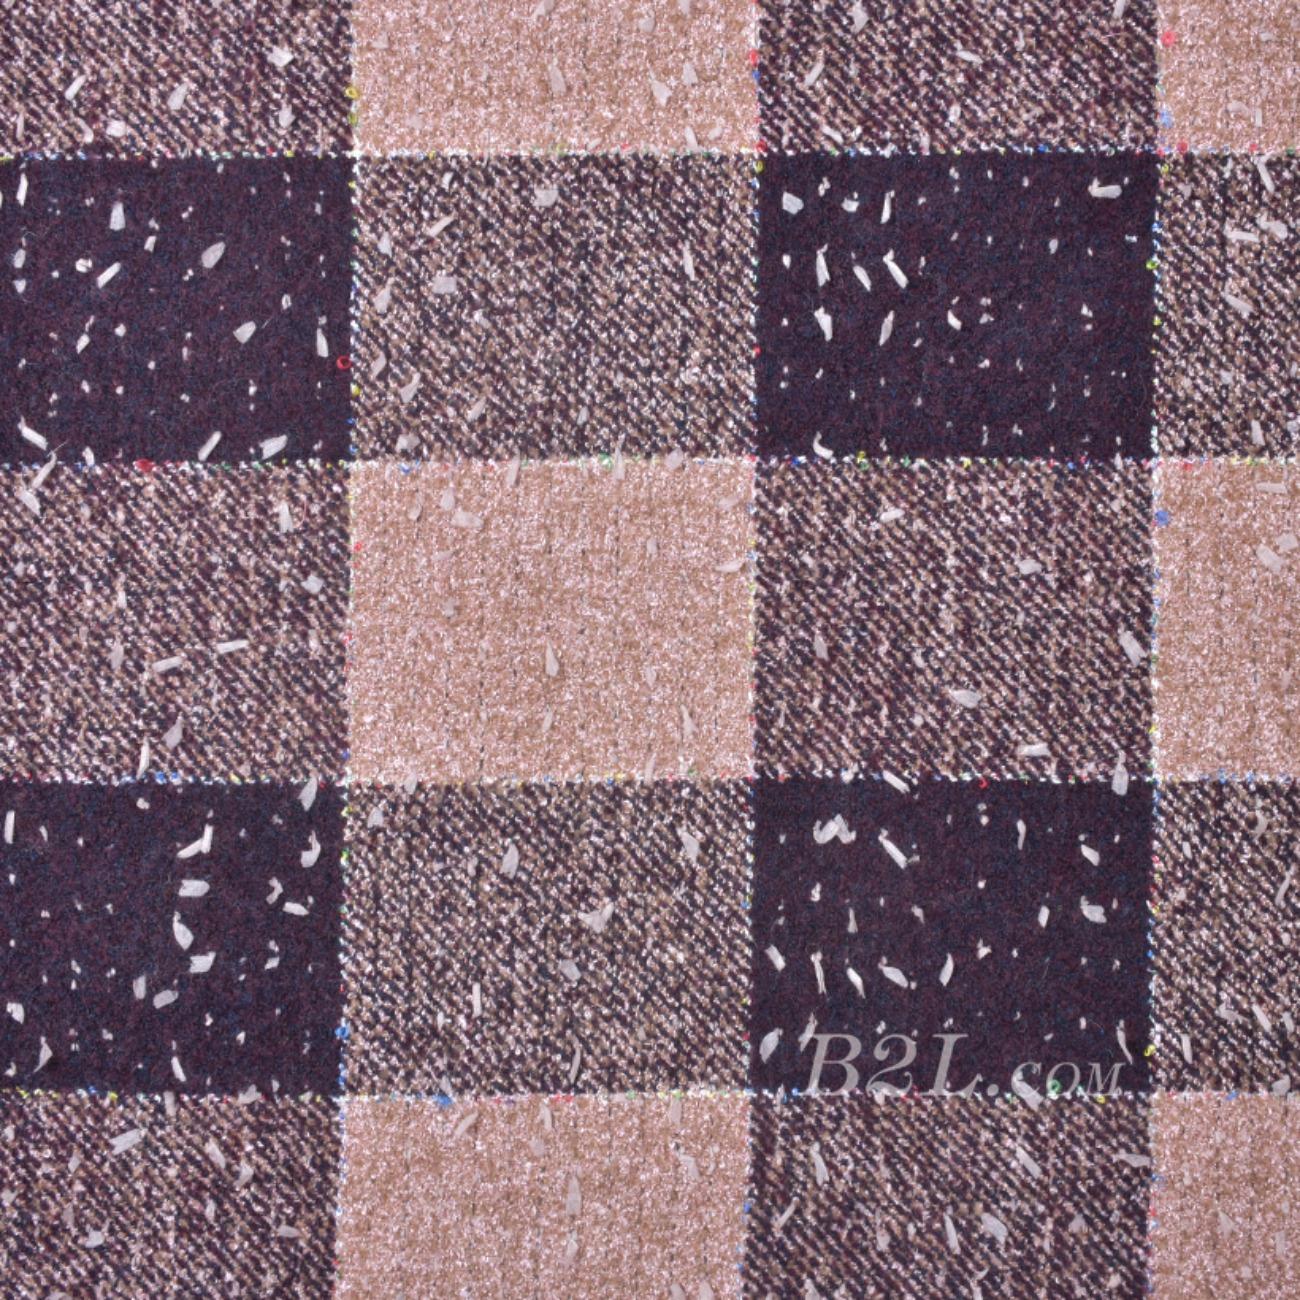 毛纺 梭织 染色 格子 斜纹 秋冬 大衣 时装 女装 91004-5